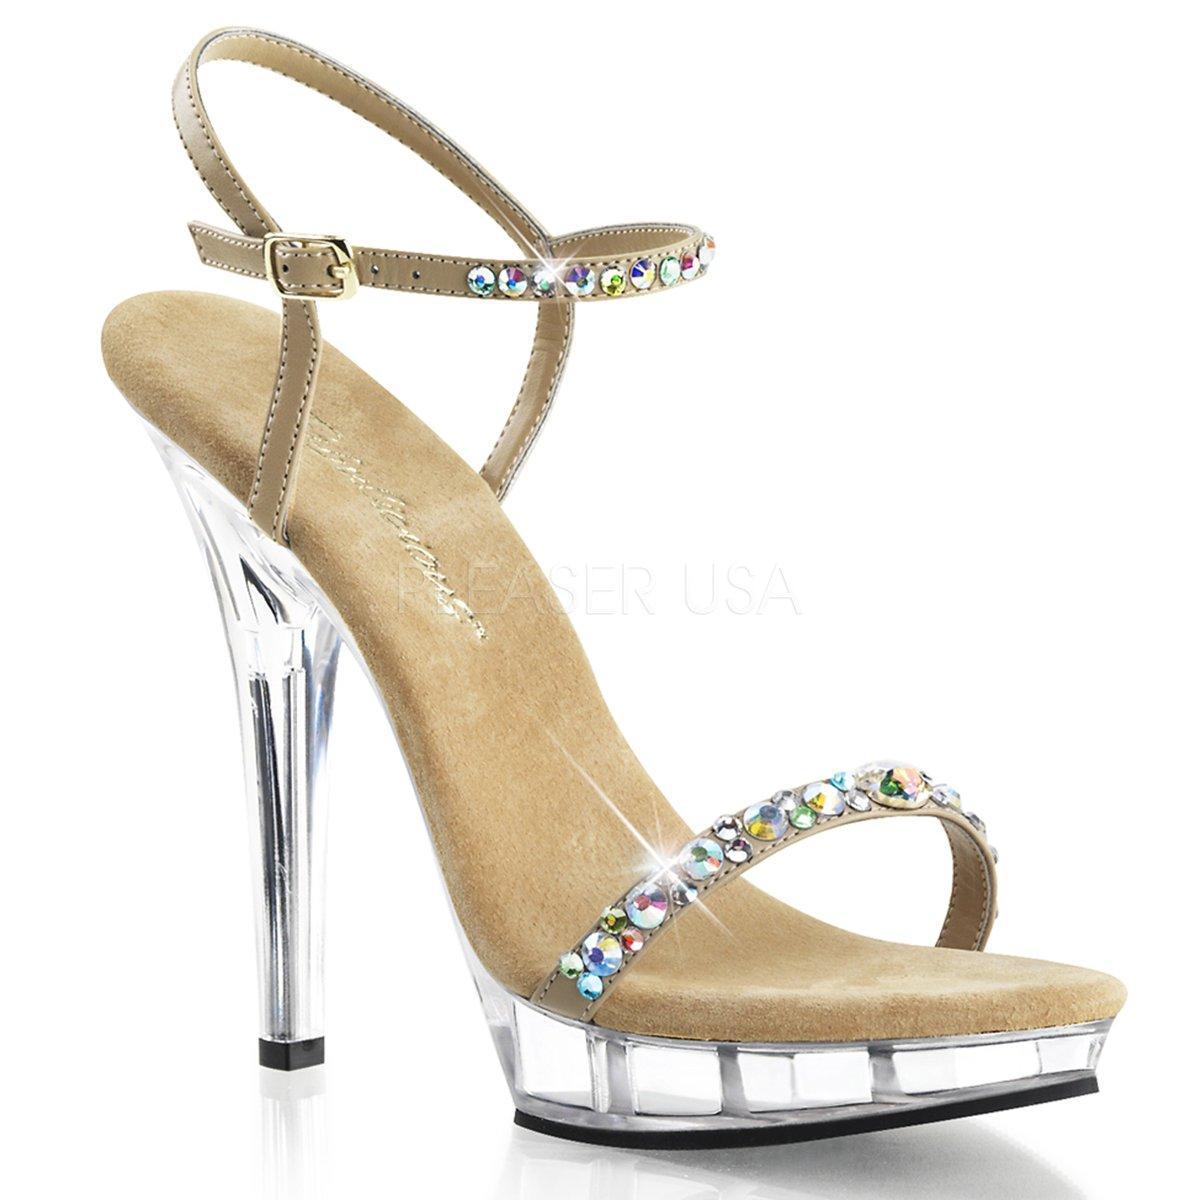 f394770c8bdb LIP-131 Elegantní zlaté společenské sandálky s třpytivými pásky na vysokém  podpatku